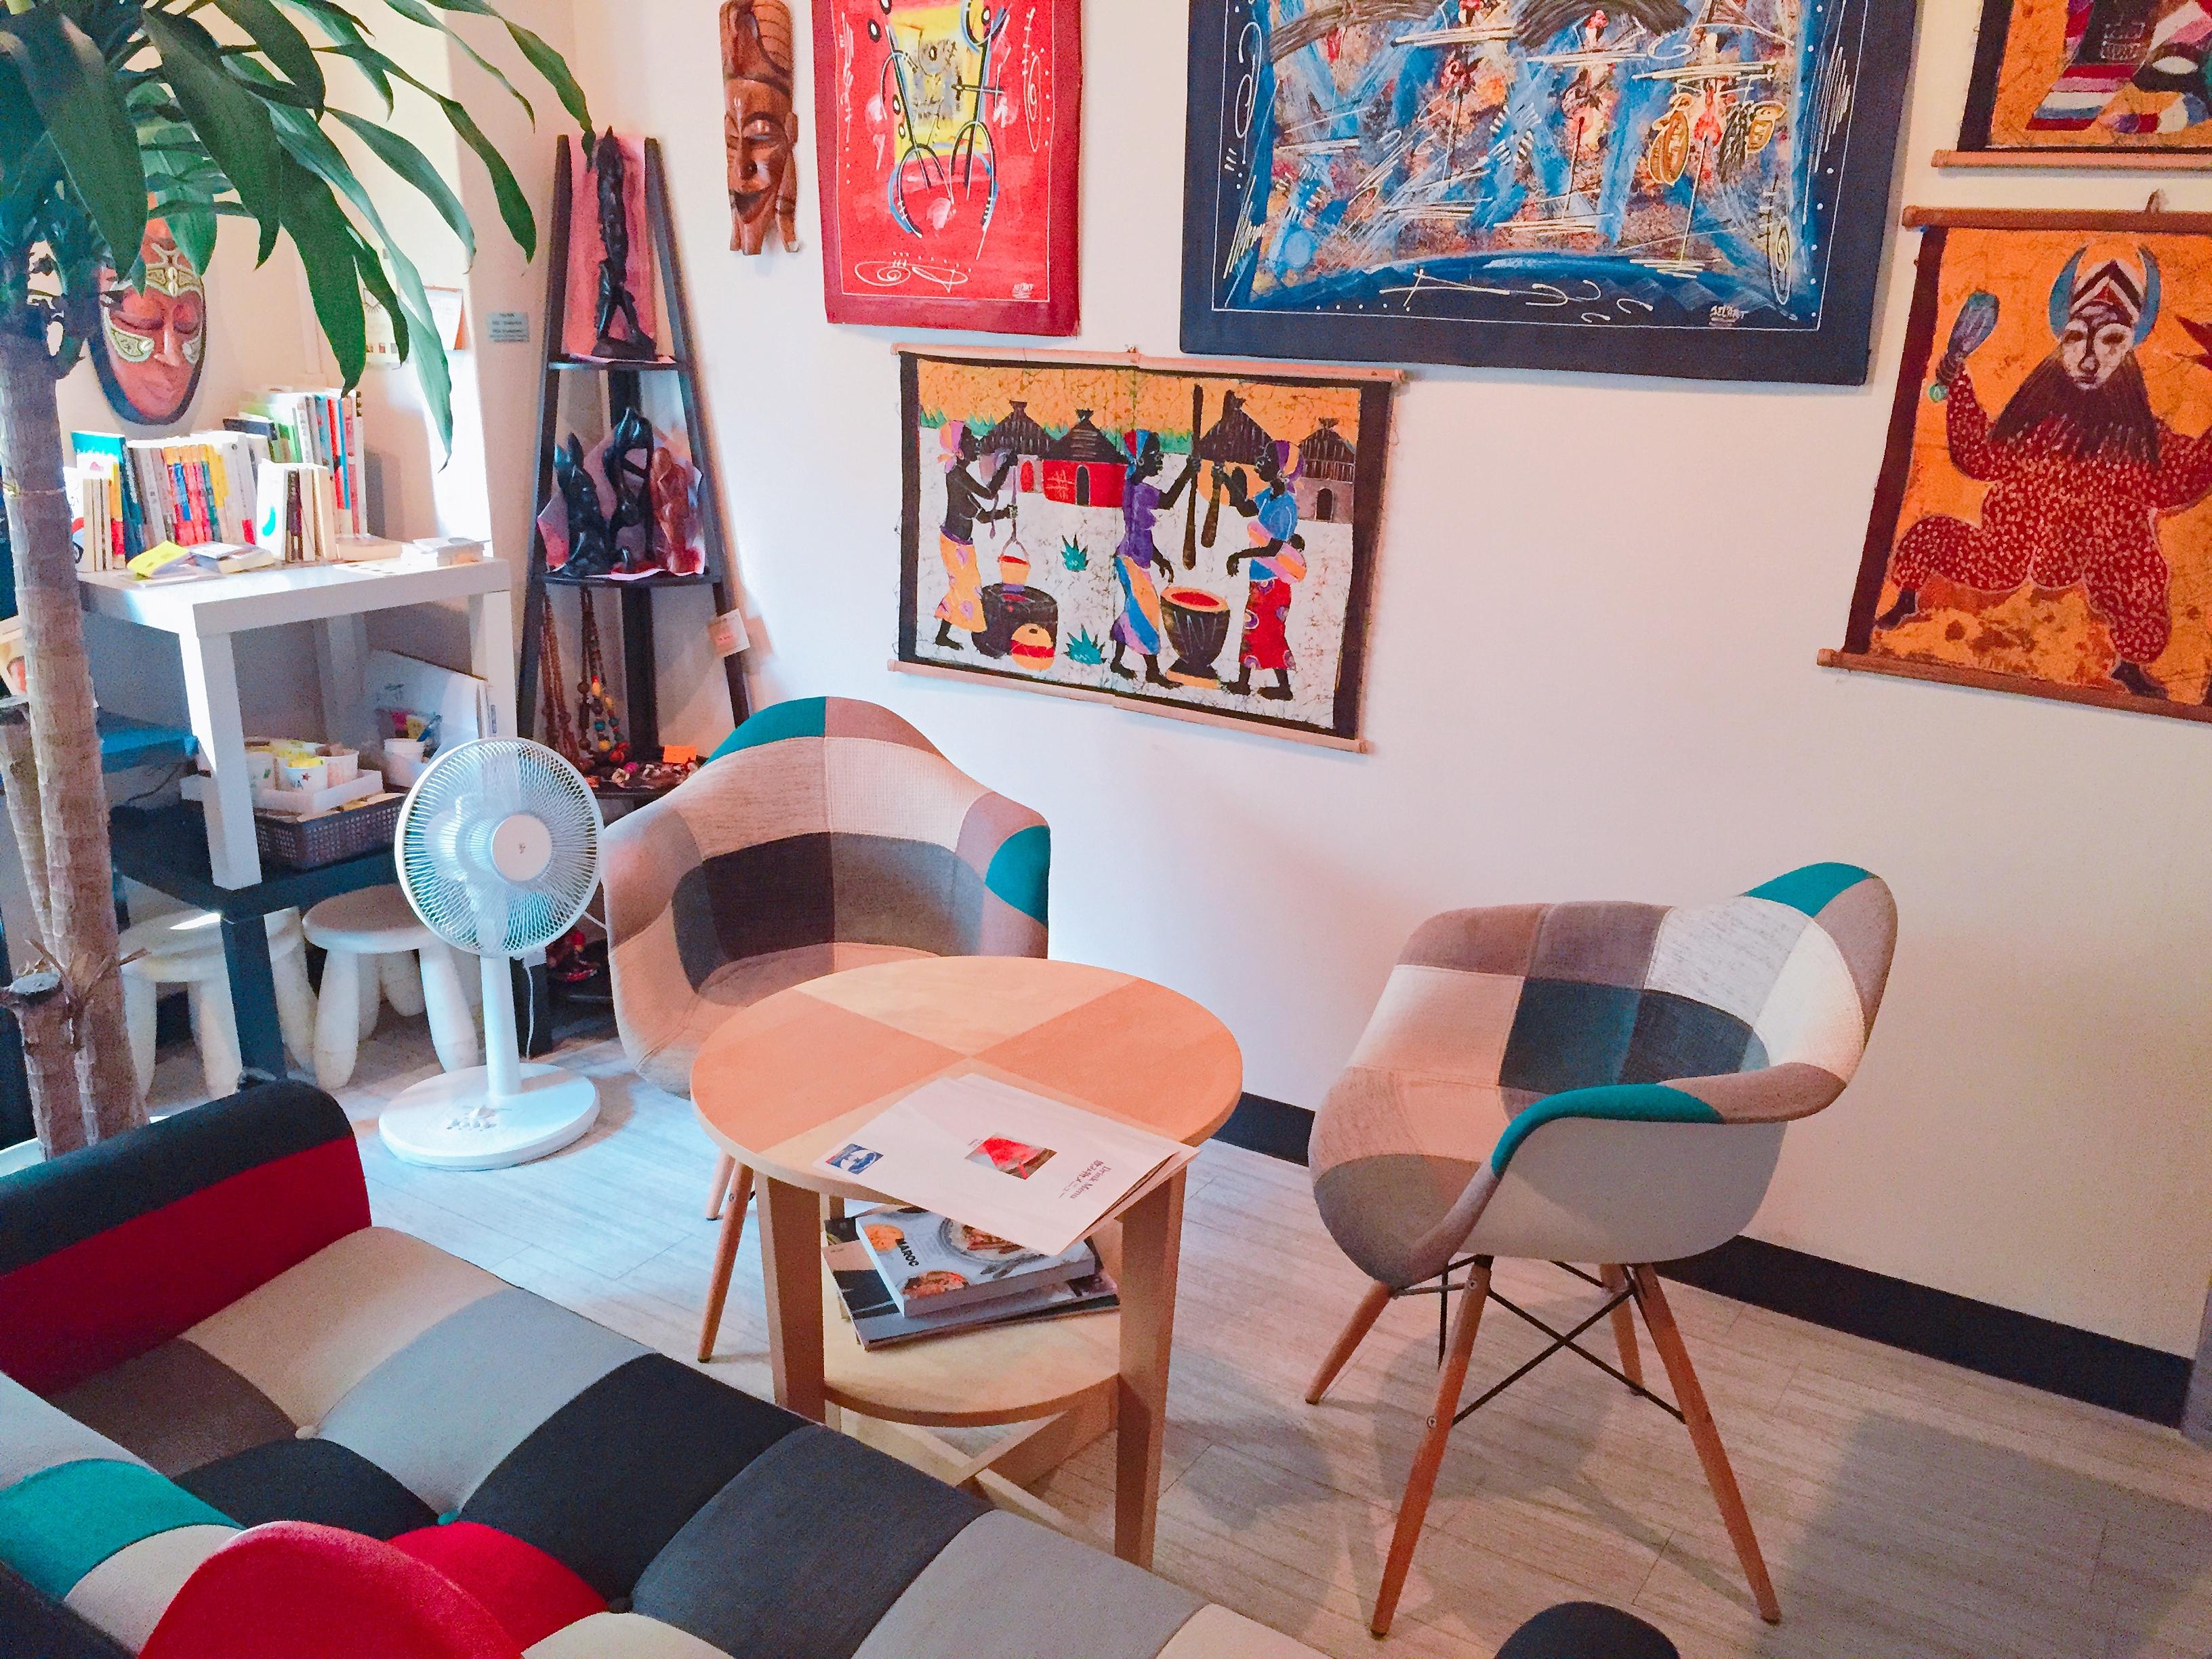 神谷町 東京タワー近く Blue Baobab Africa 【カフェバー】貸切り・飲食物持ち込みプランの室内の写真